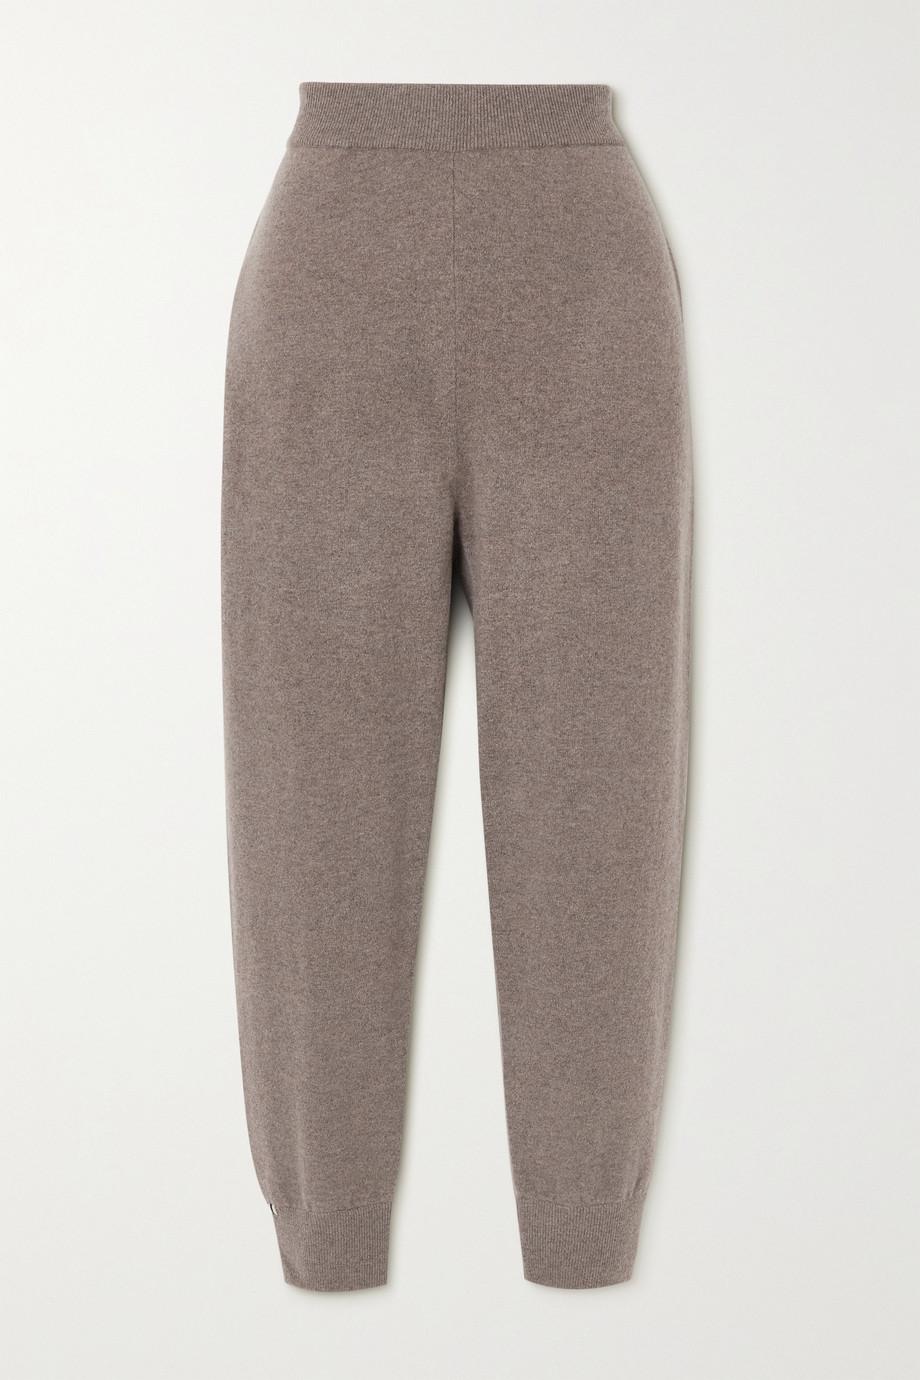 Extreme Cashmere Pantalon de survêtement en cachemire mélangé N°56 Yogi